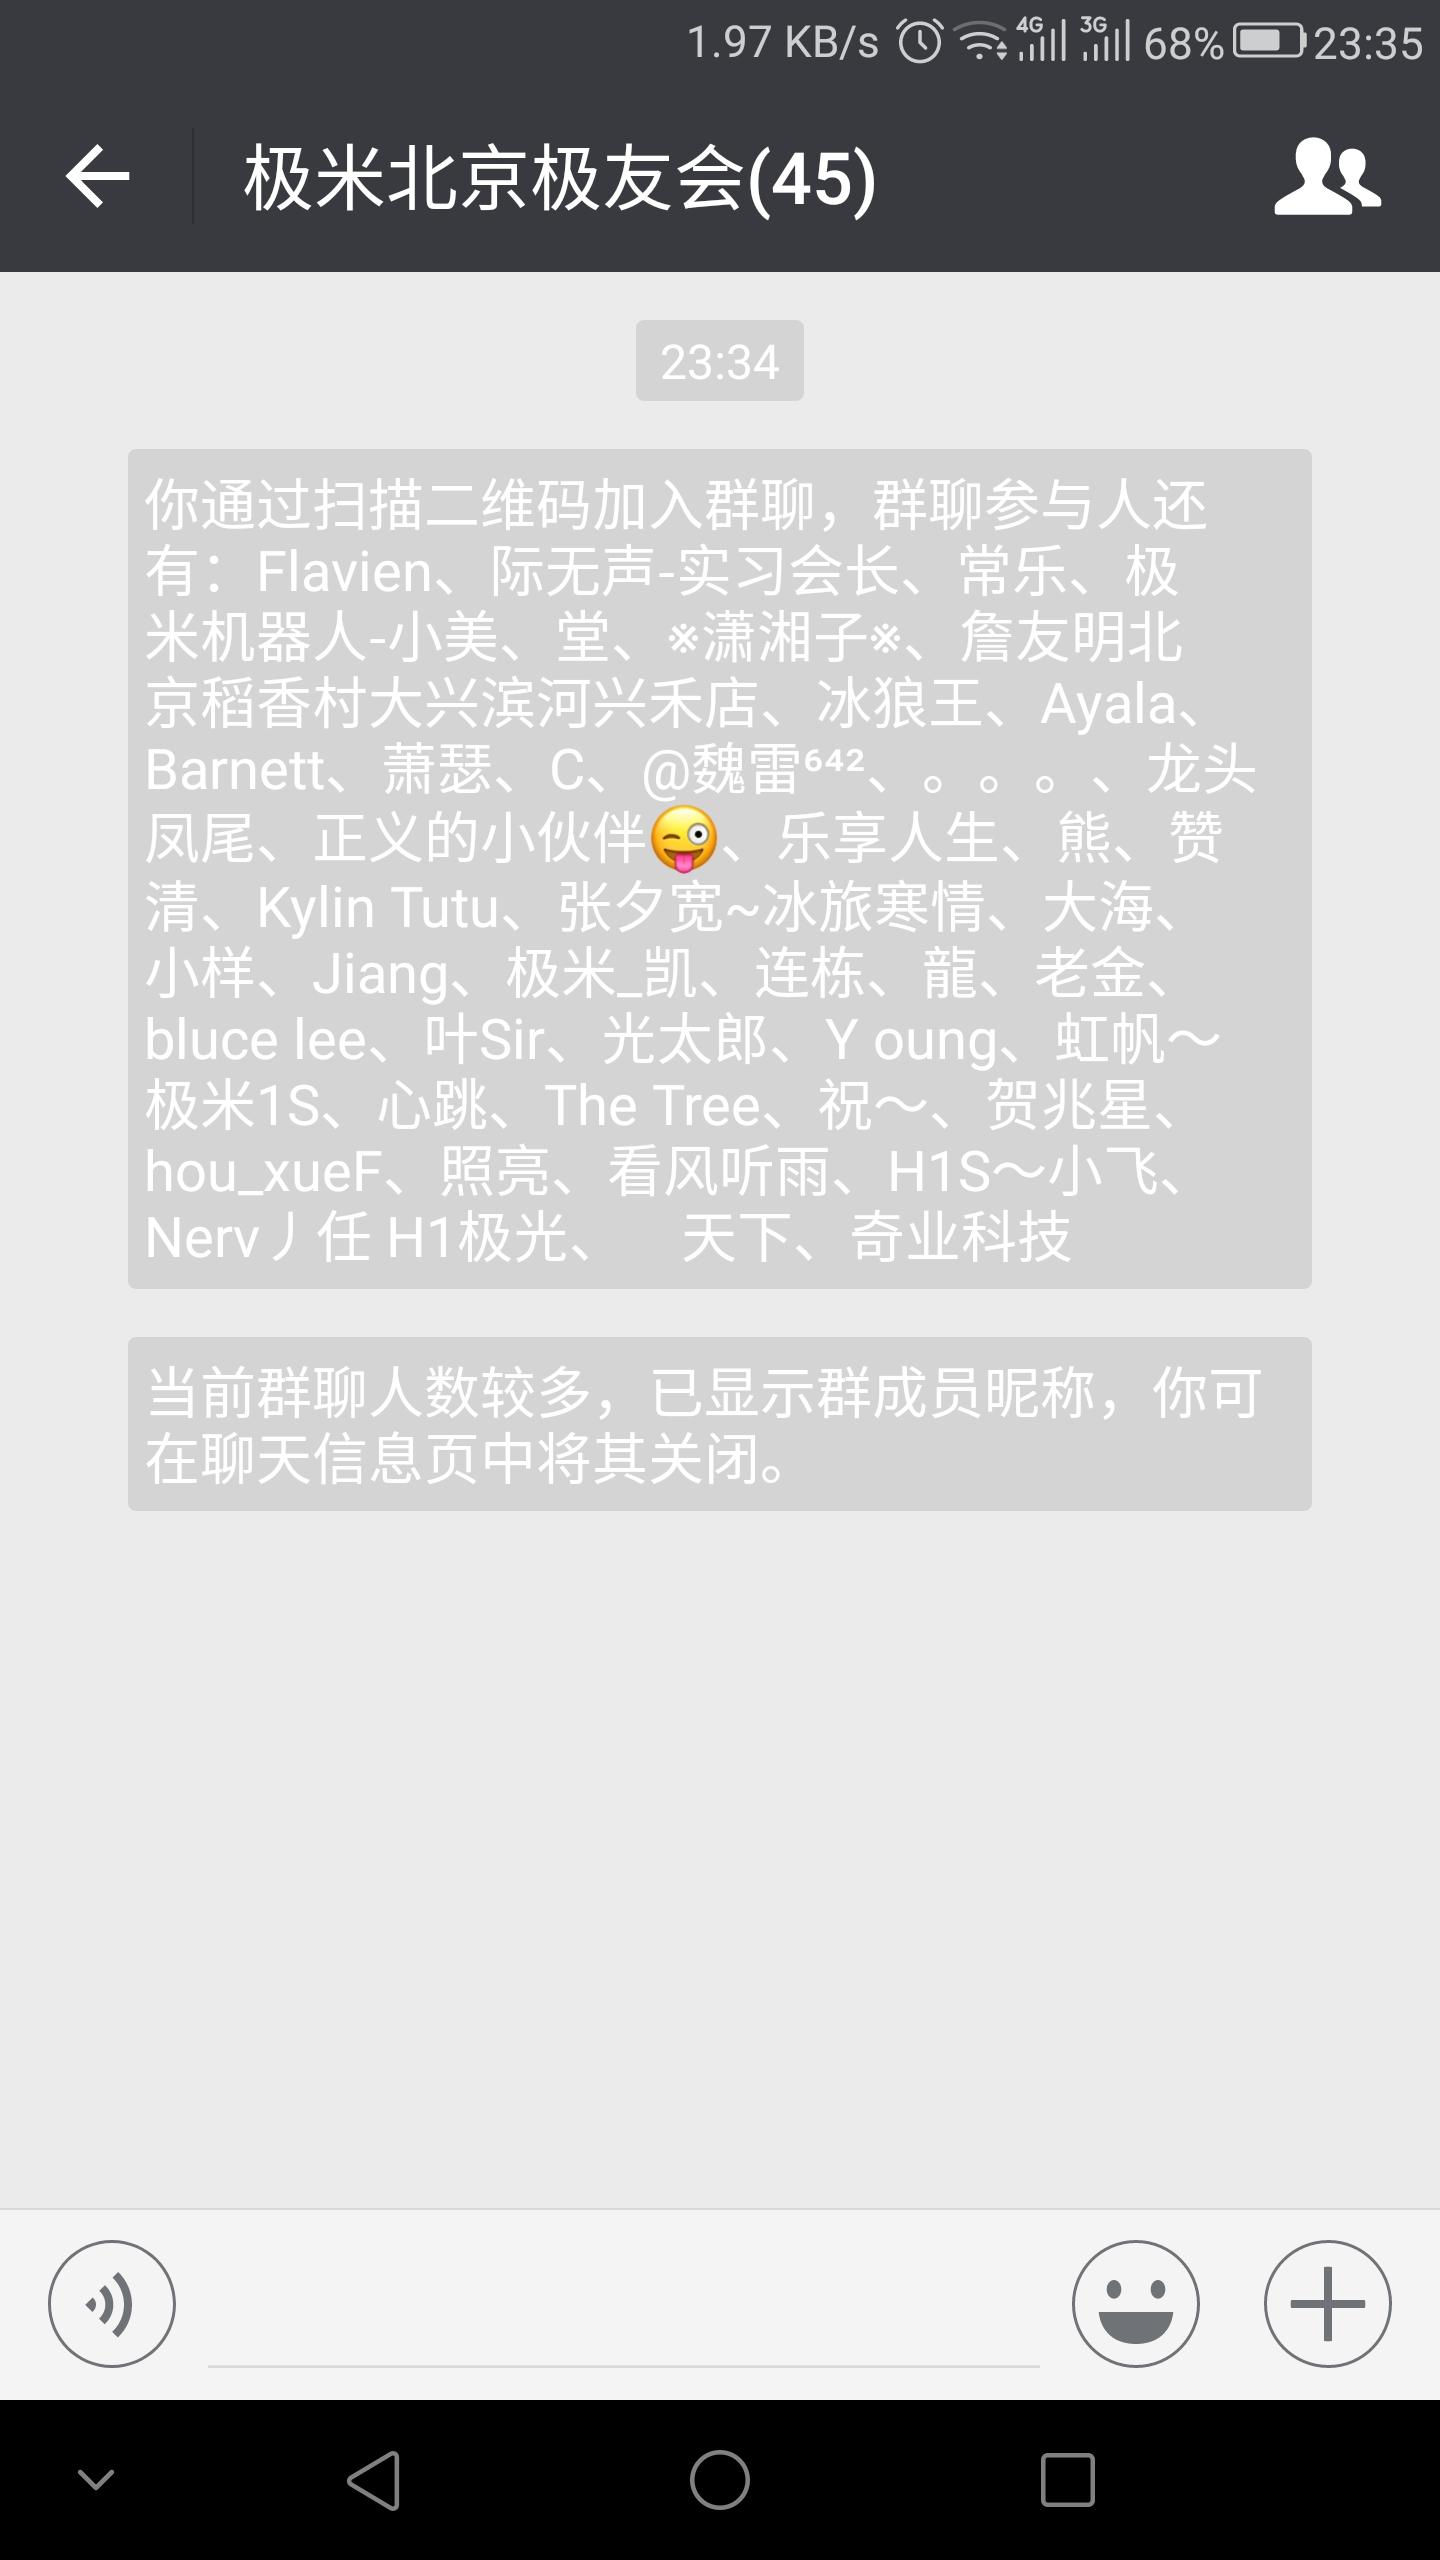 Screenshot_2018-05-08-23-36-21.jpg